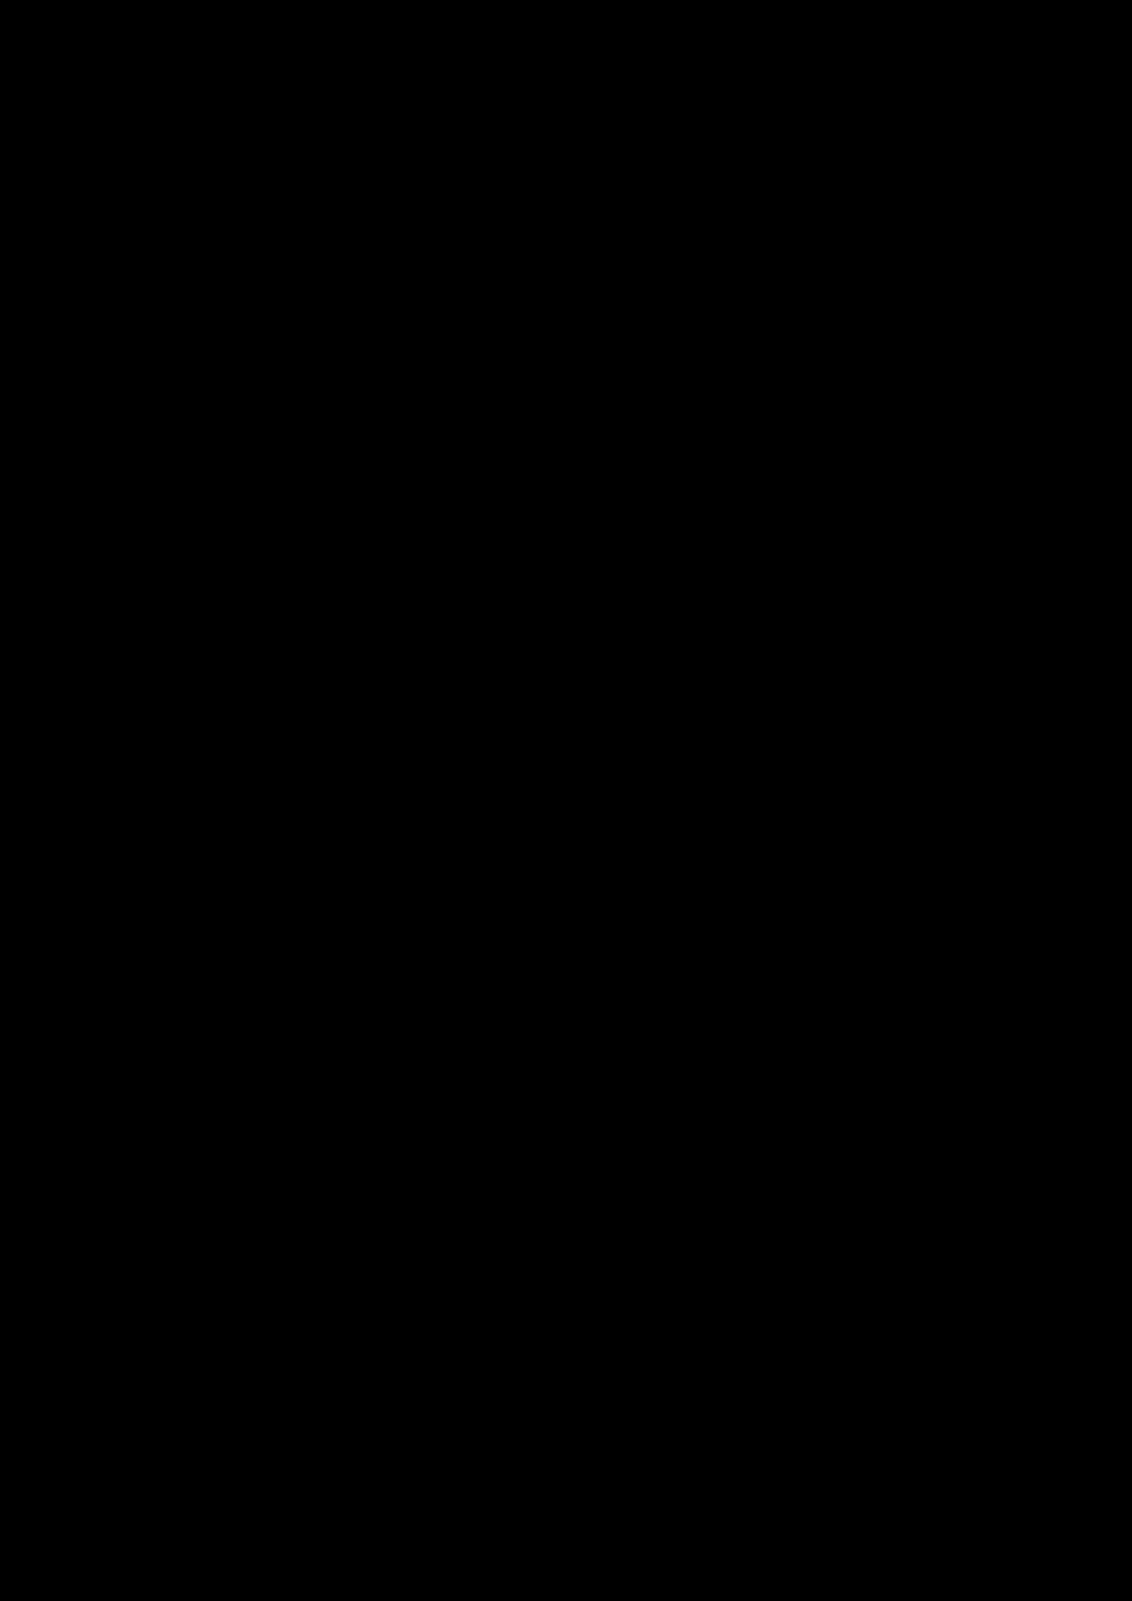 Proschanie s volshebnoy stranoy slide, Image 66